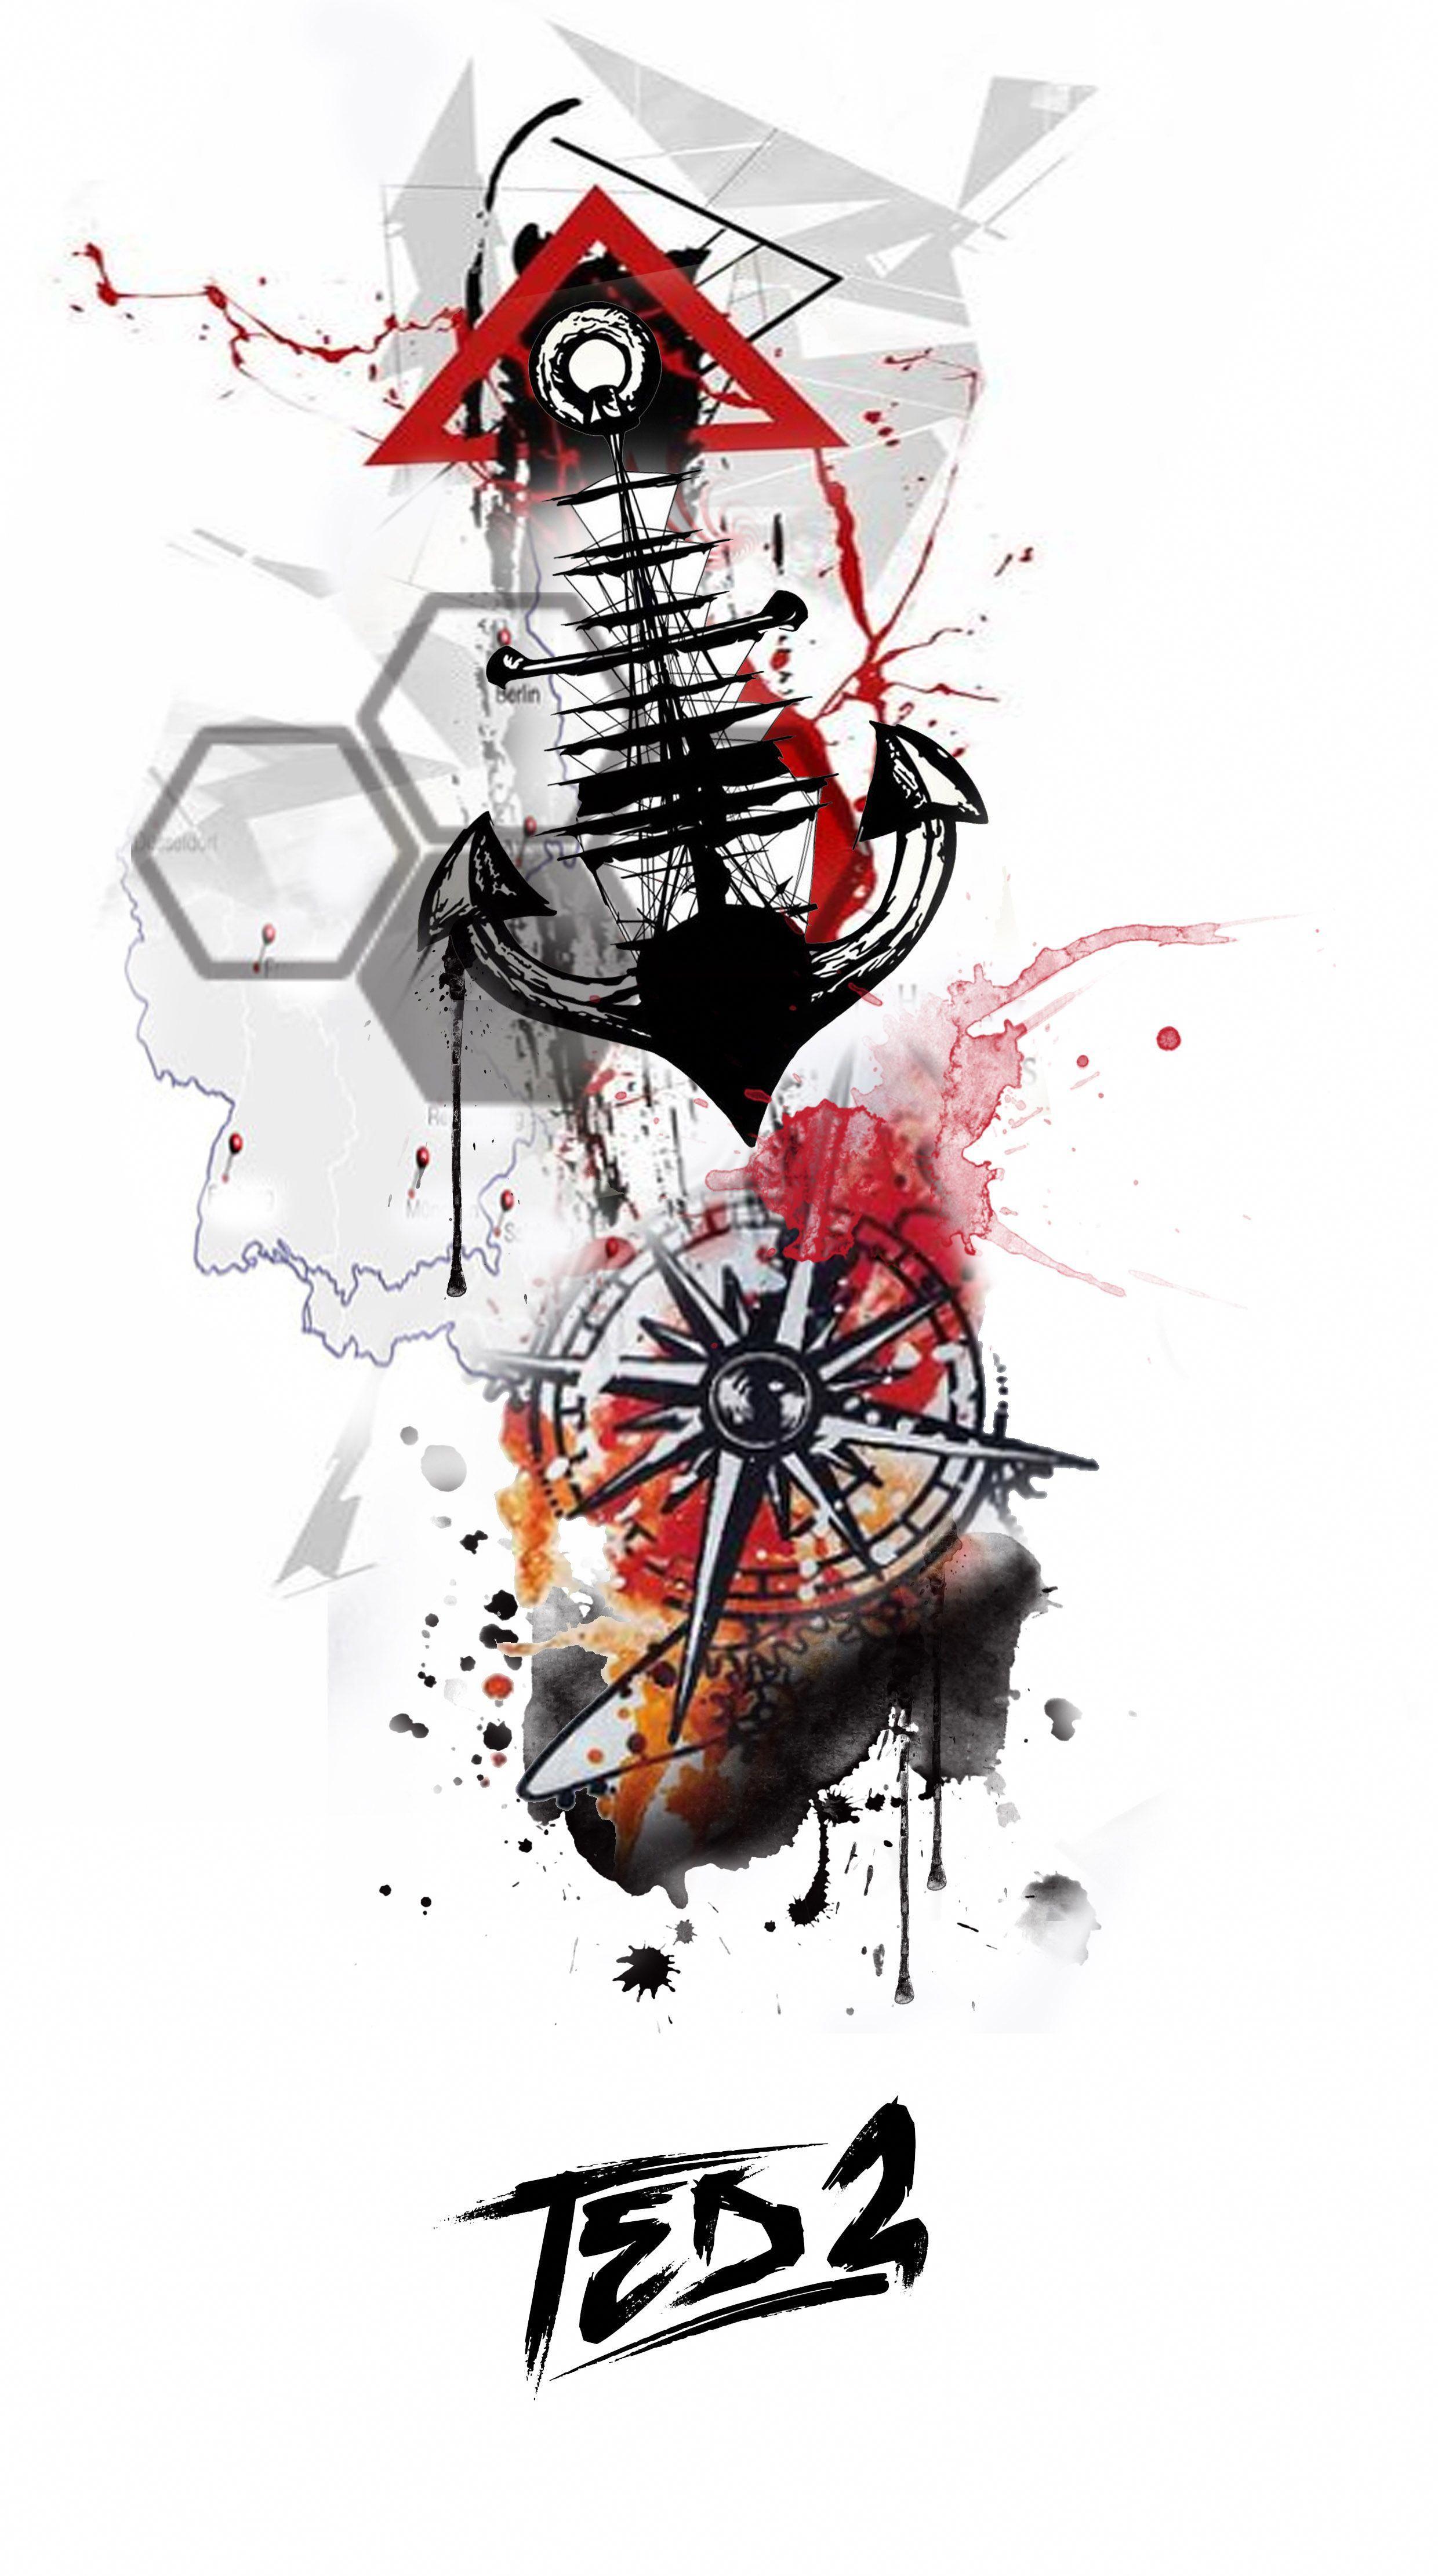 Tattooidea Tattooflash Tattooproject Tattooprojekt Ted2 Ted Bartnik Tattoo Vorlage Tattoo Vorlagen Tattoofl Tattoo Trash Trash Polka Trash Polka Tattoo Designs